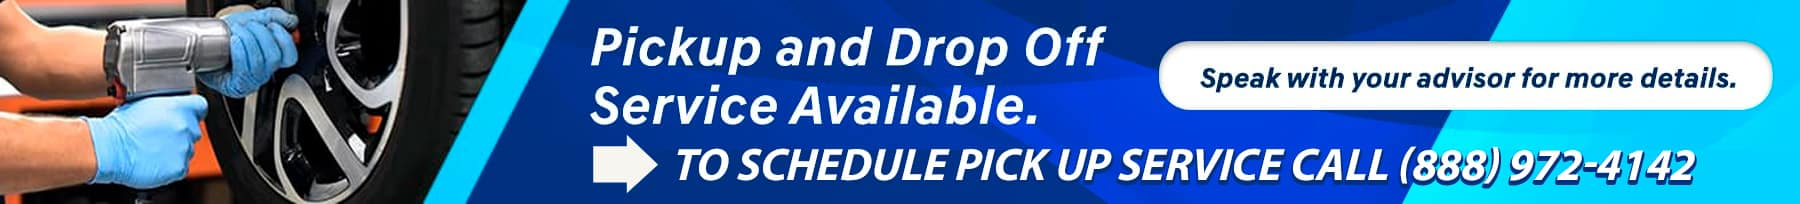 schedule service banner